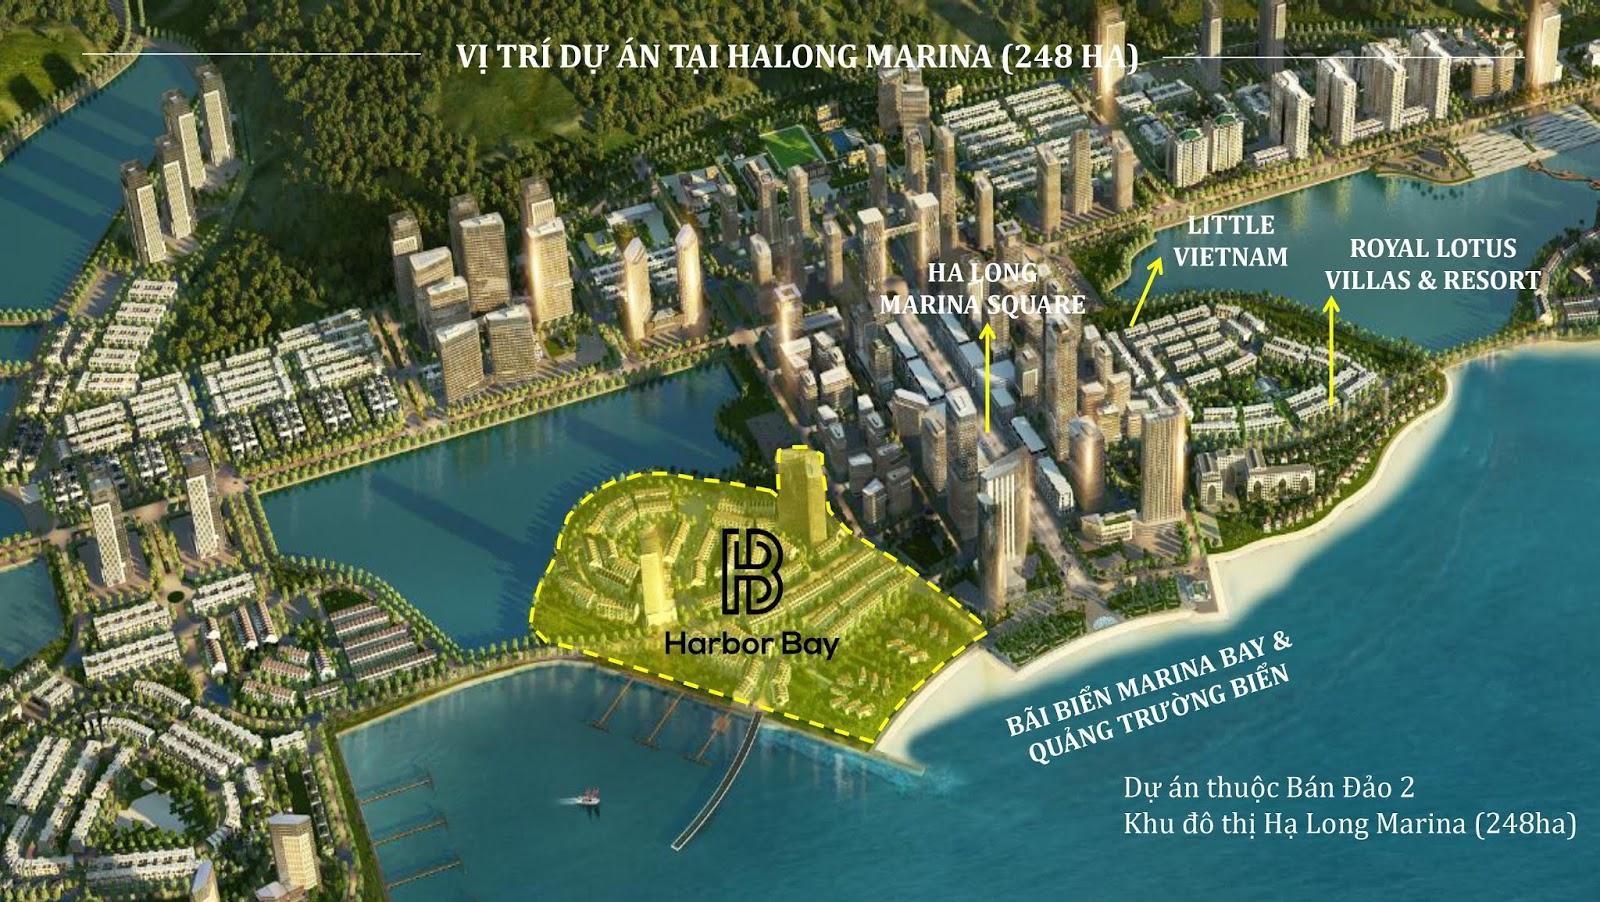 Quy hoạch khu đô thị Hạ Long Marina và vị trí dự án Harbor Bay